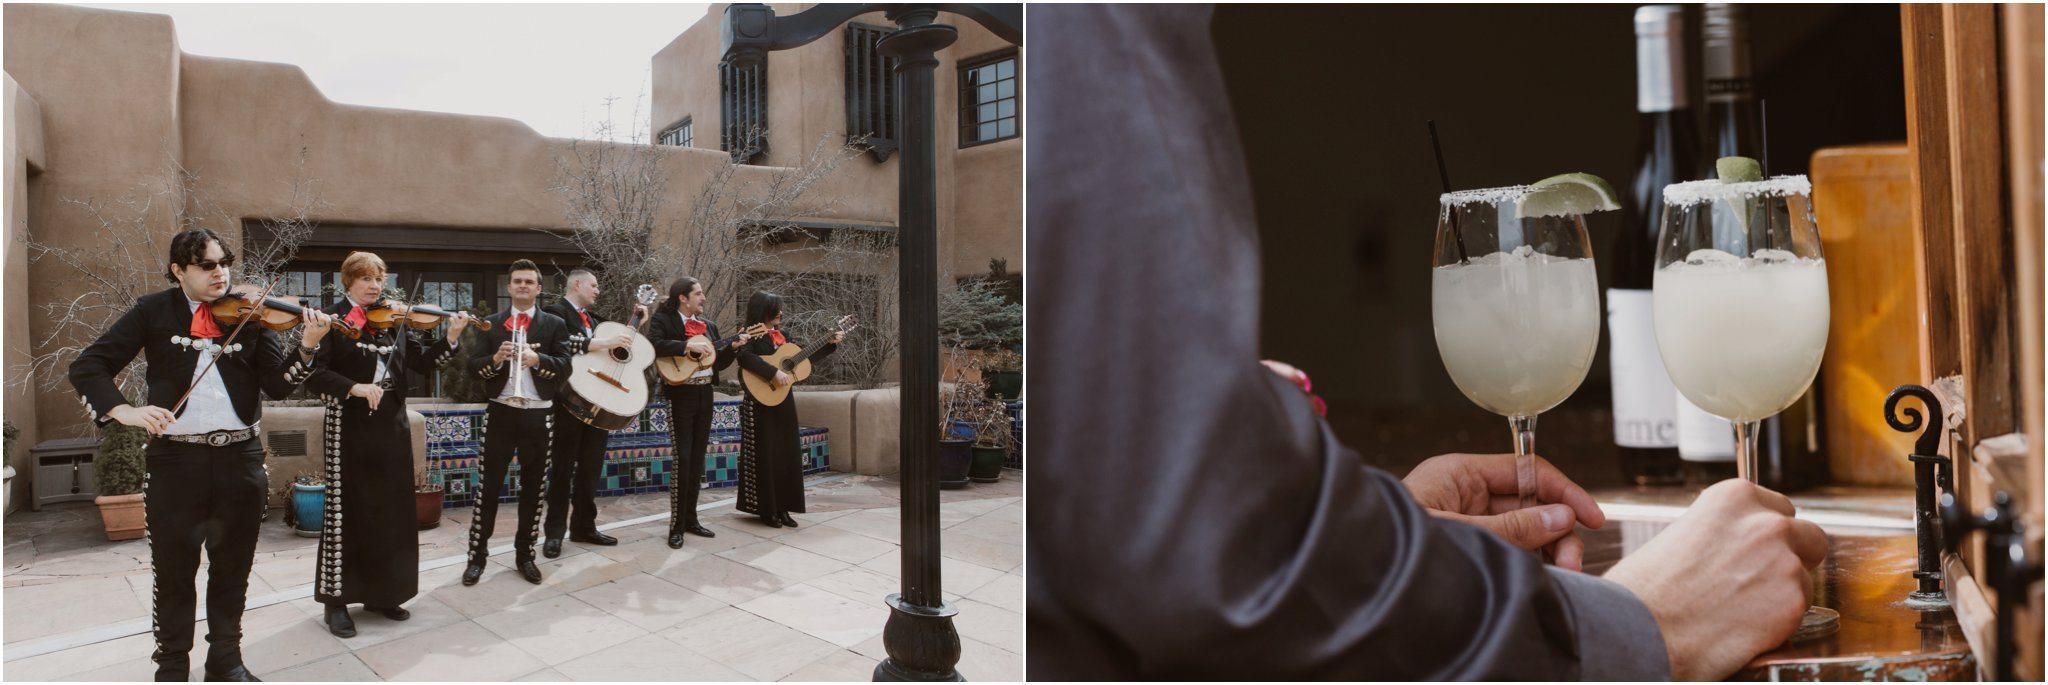 0019Albuquerque _ Santa Fe _ Wedding Photographers _ New Mexico Wedding Photography